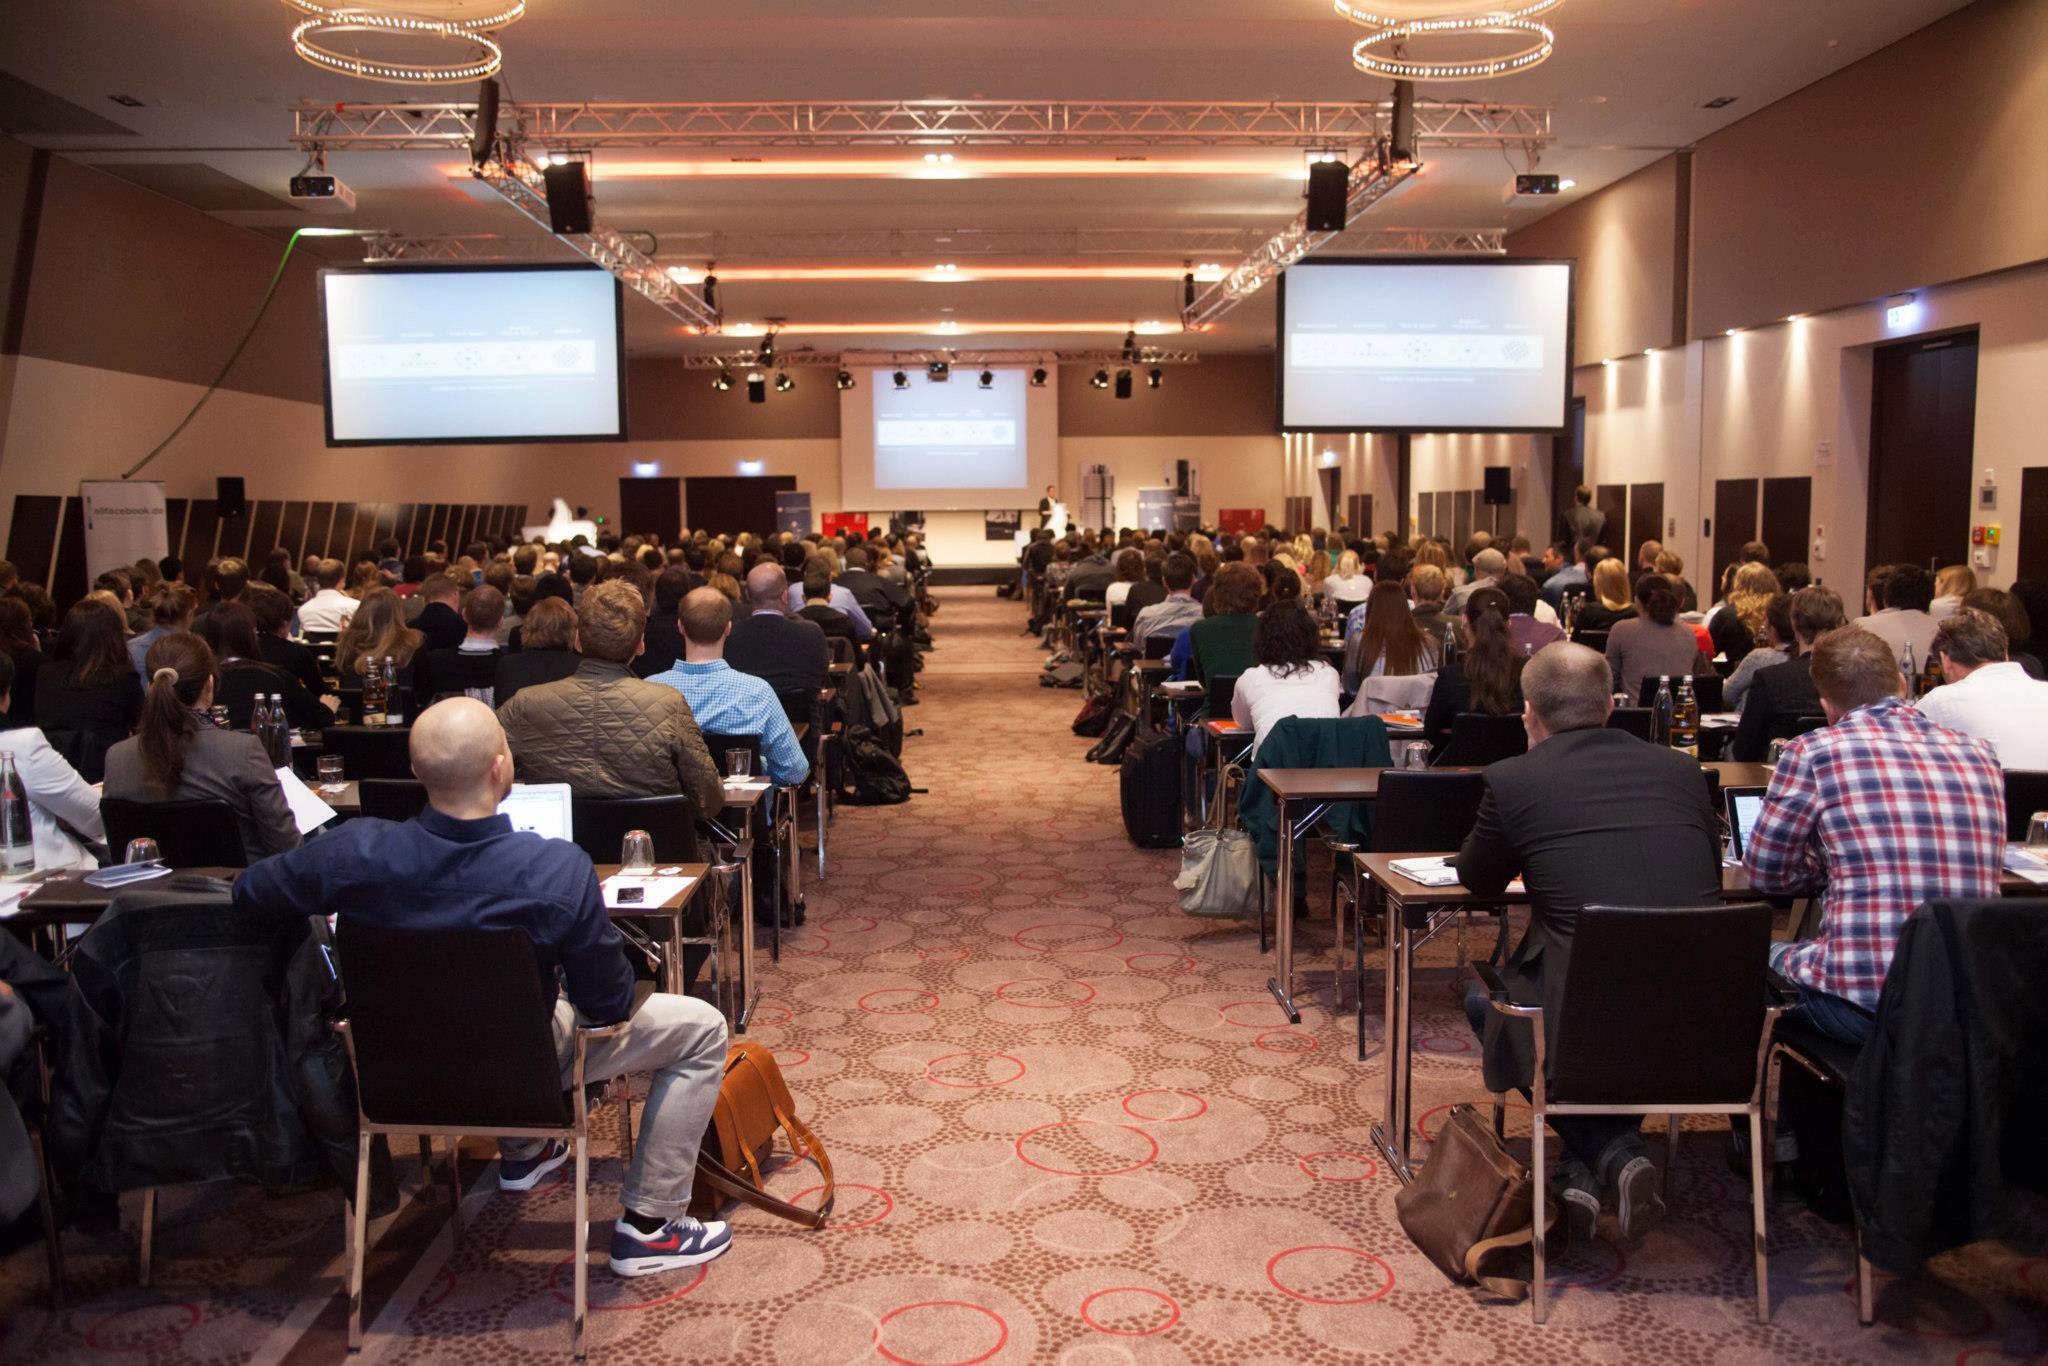 Allfacebook Marketing Conference München 2013: Rückblick und Beiträge